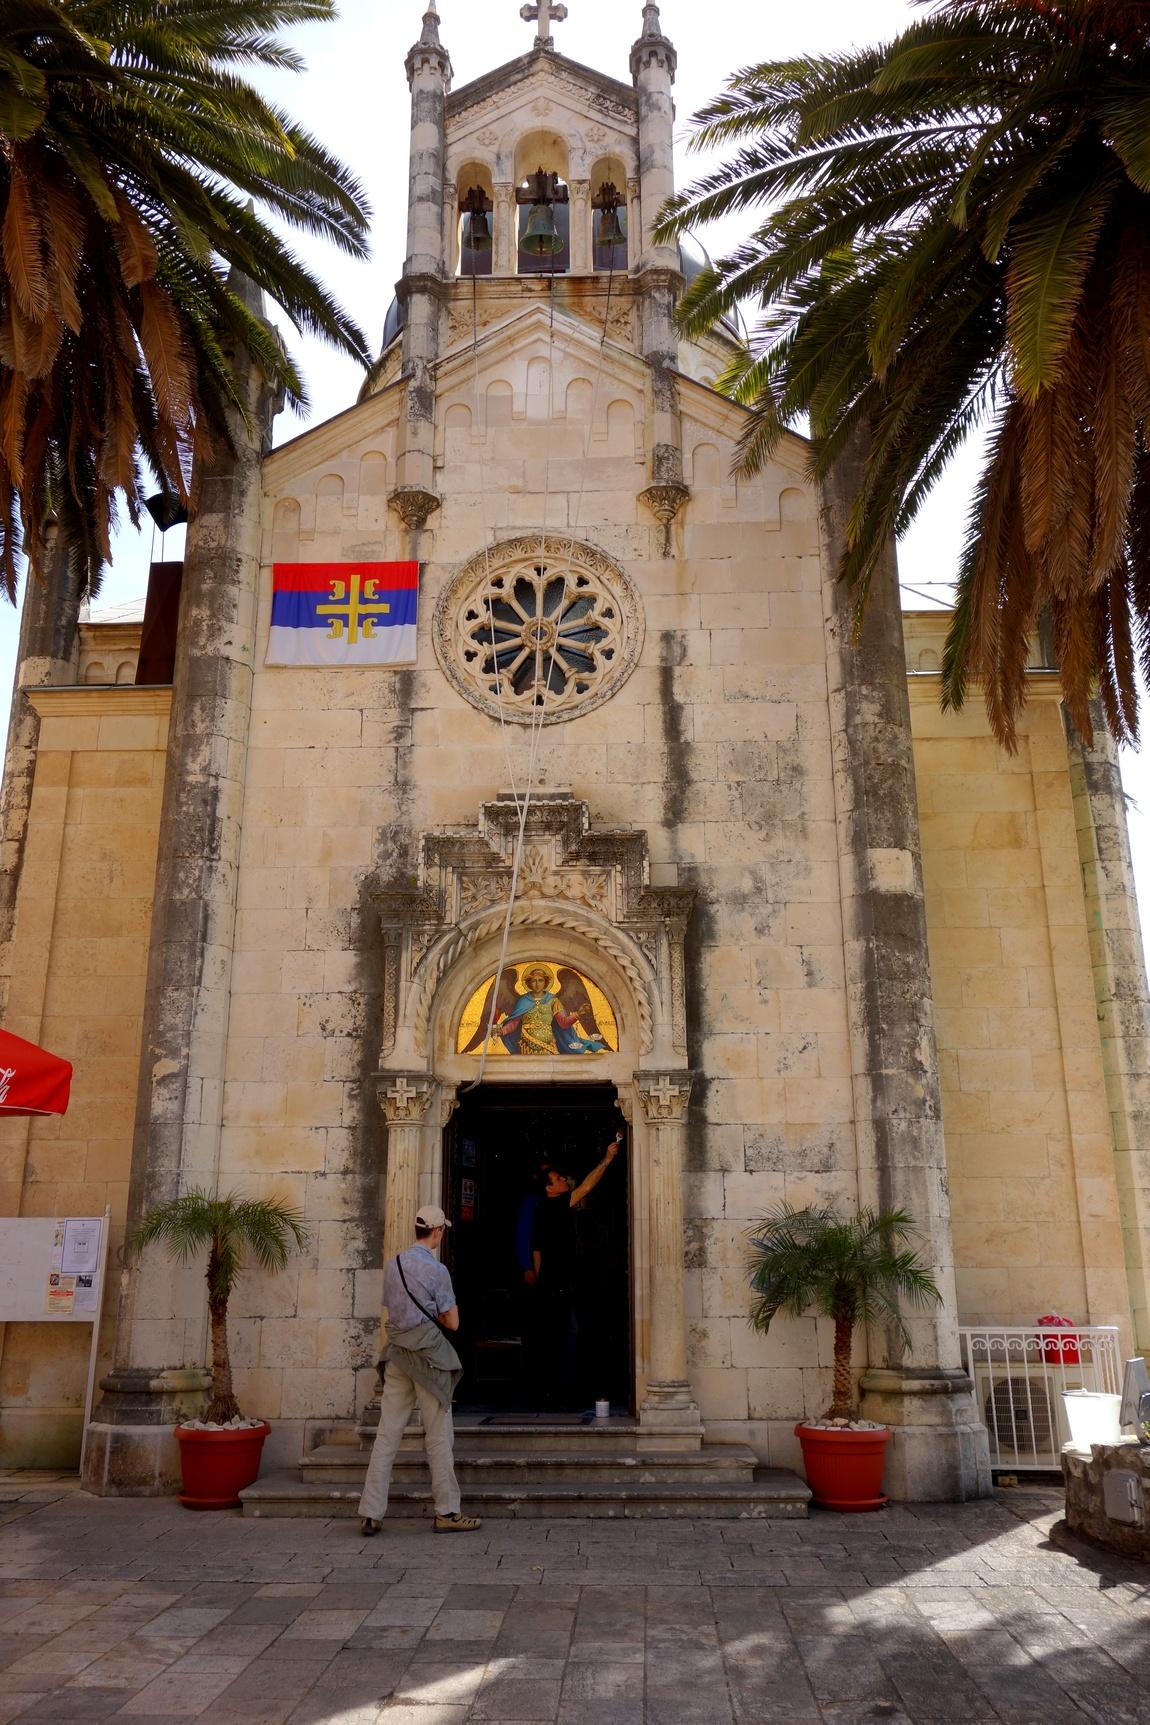 Церковь Св. Архангела Михаила в Херцег-Нови (Черногория)